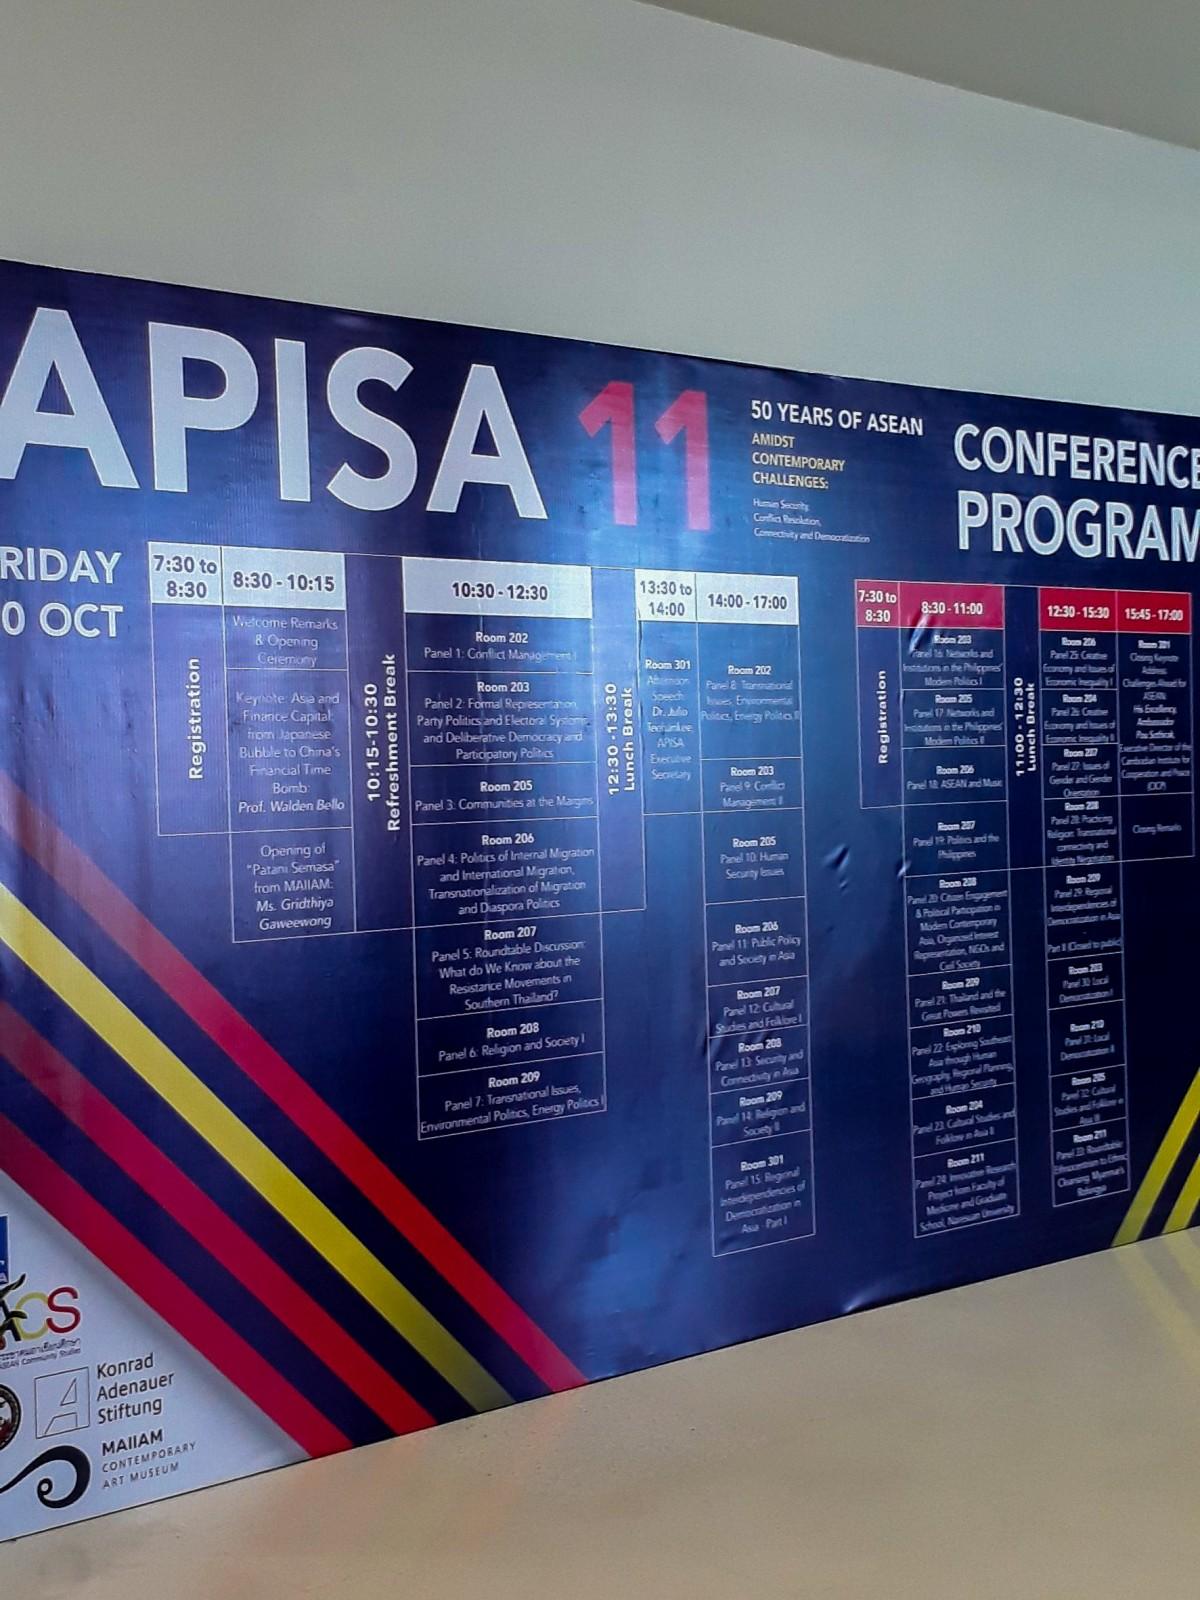 สำนักพิมพ์ ม.นเรศวร ร่วมออกบูธให้คำแนะนำการจัดทำเอกสารสิ่งพิมพ์ทางวิชการ ในงาน APISA 11